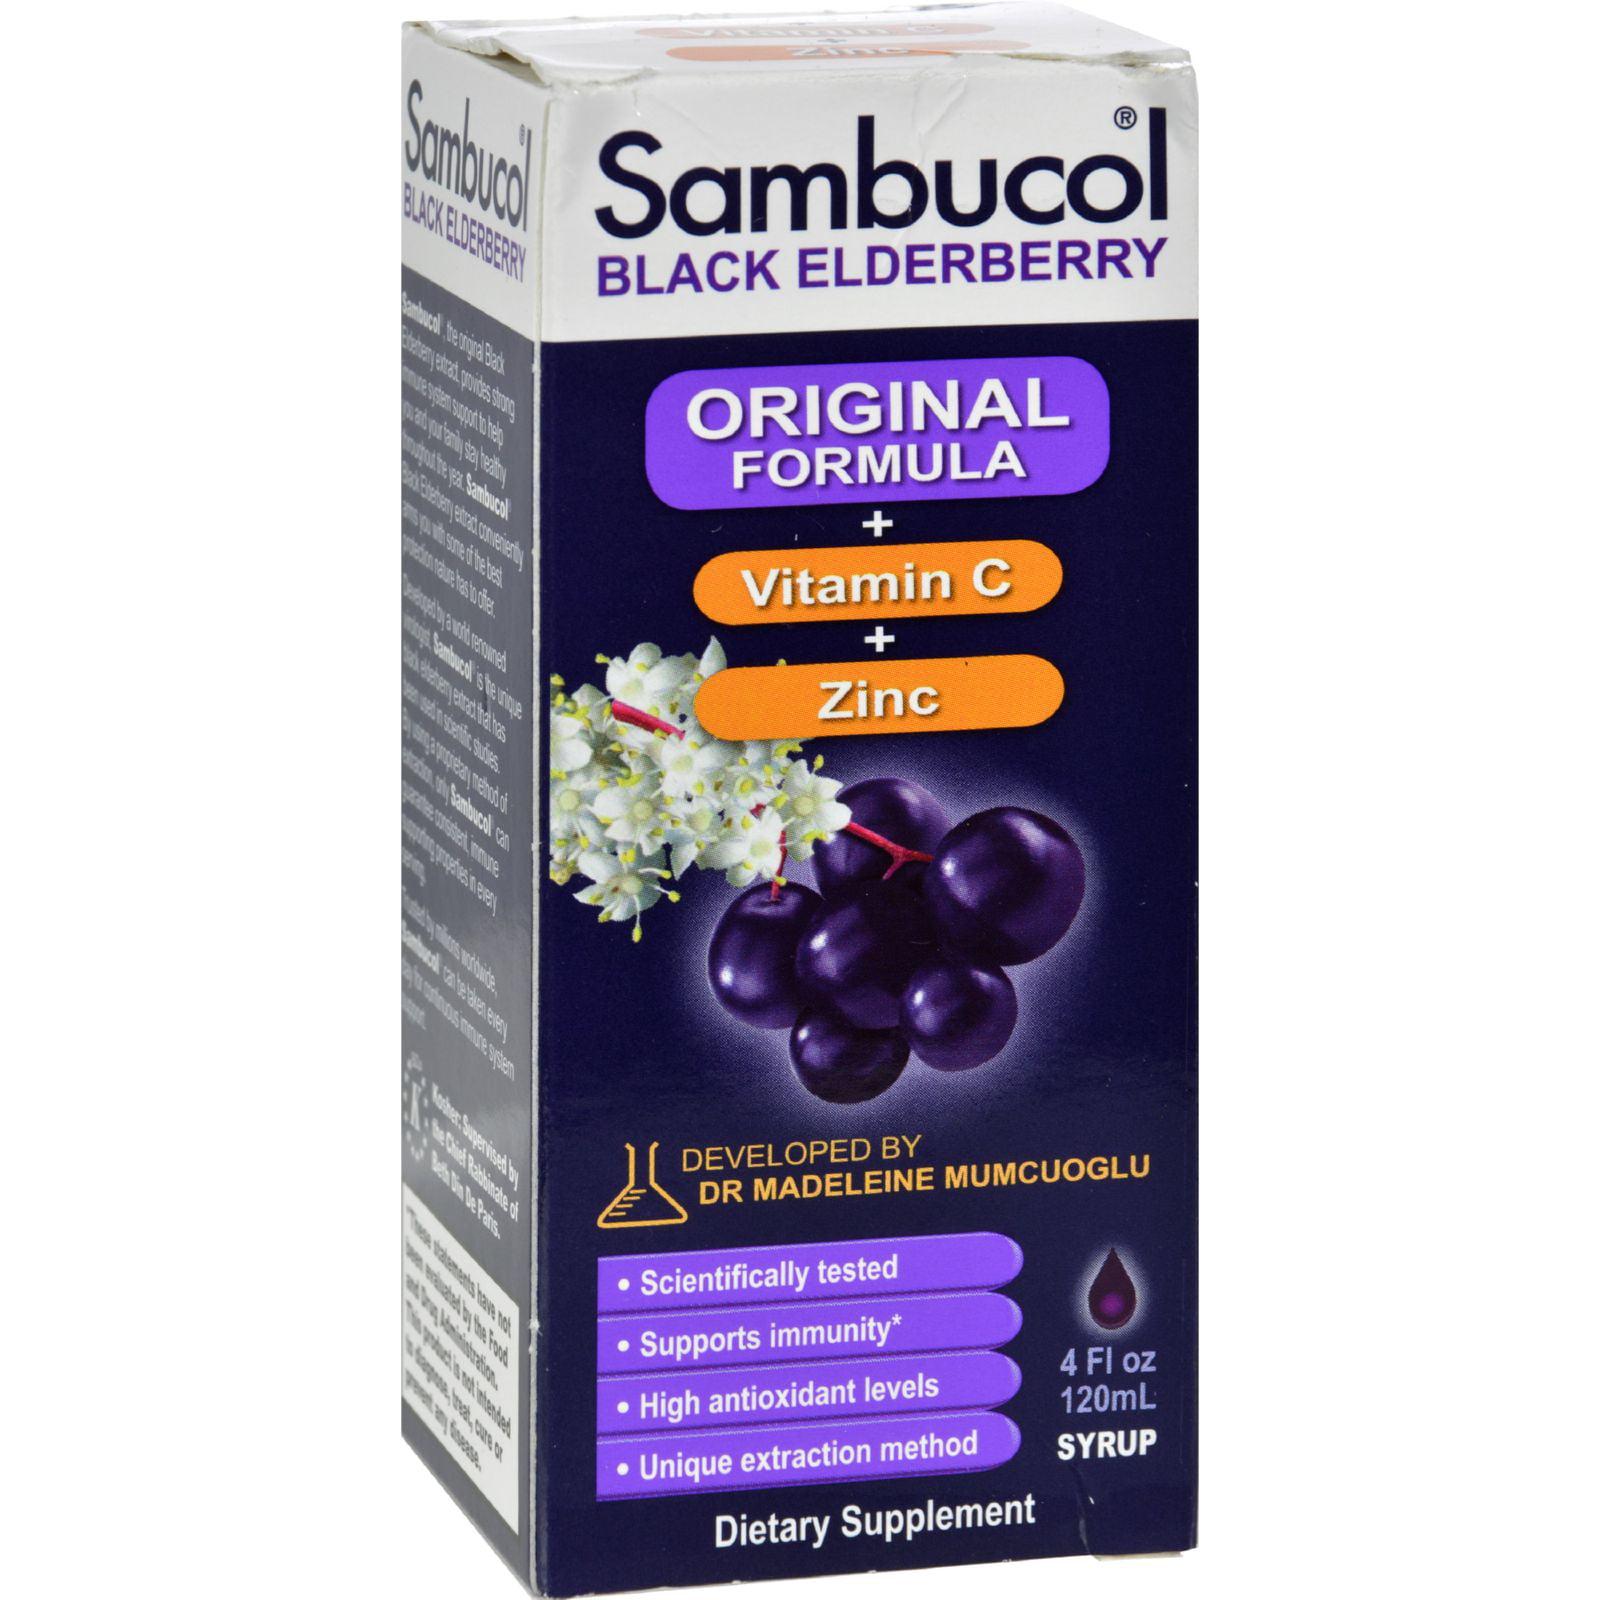 Sambucol Original Formula Vitamin C Zinc Black Elderberry Syrup 4 Fl Oz